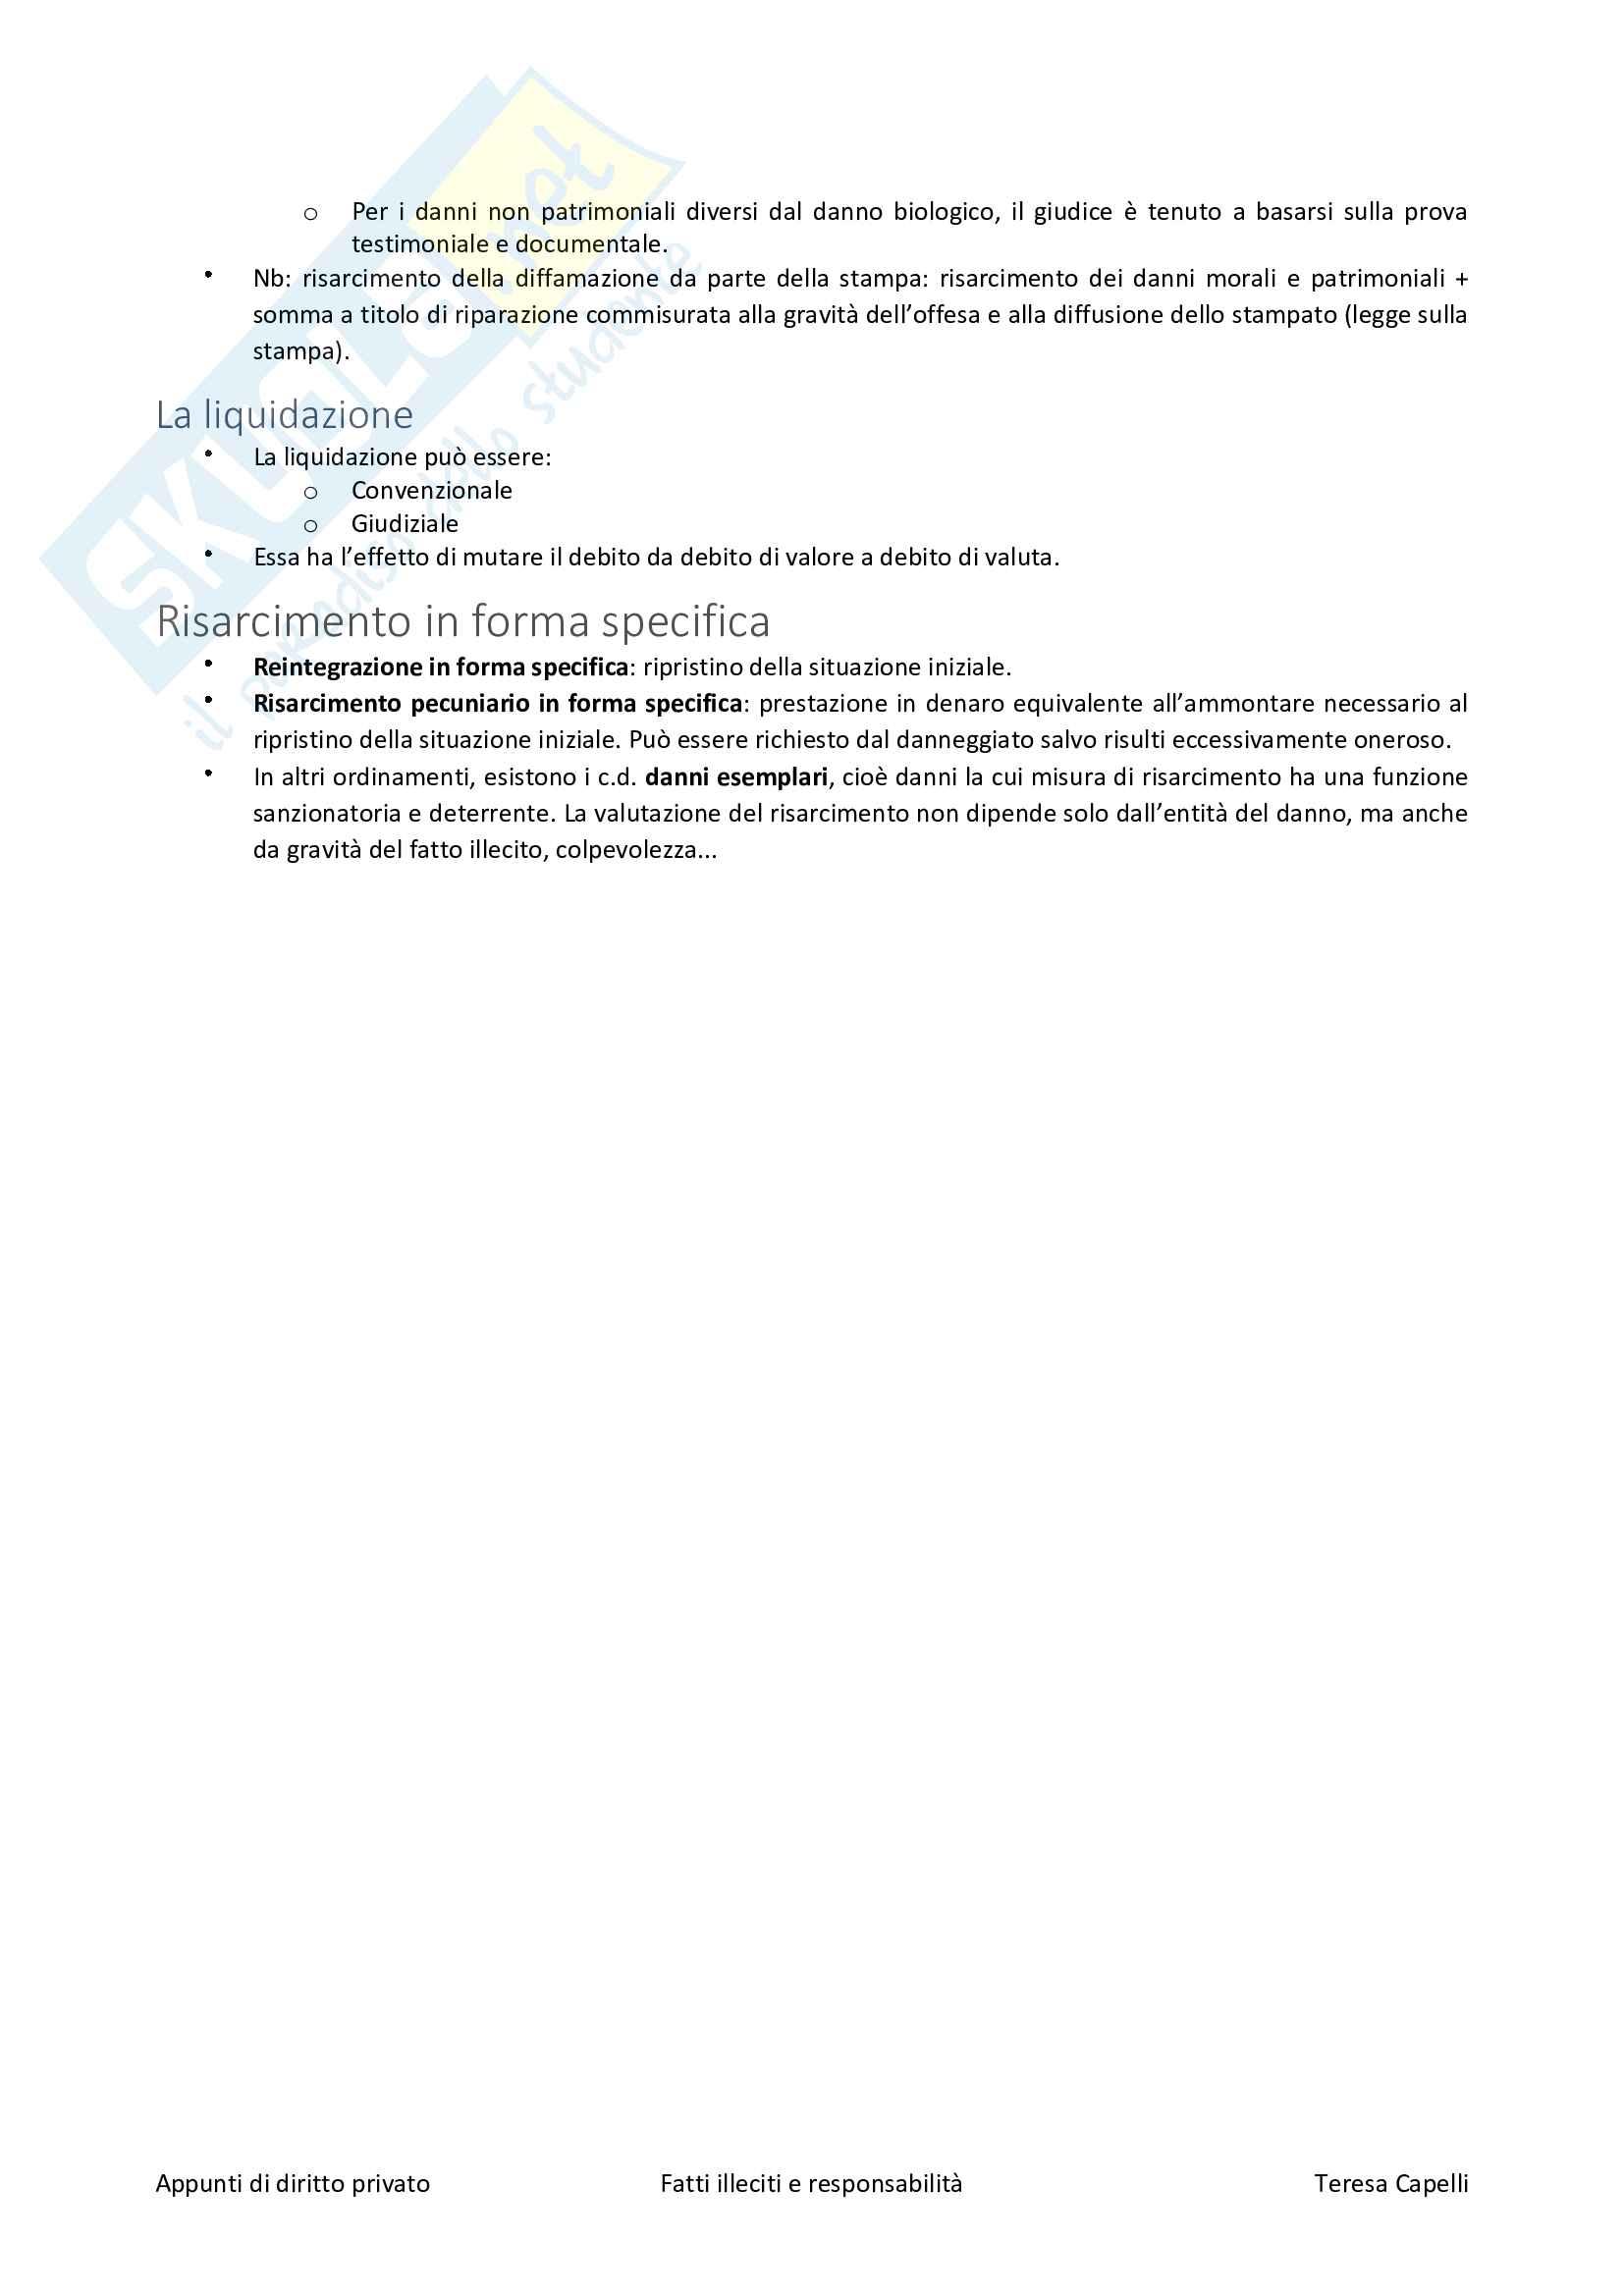 Fatti illeciti e responsabilità Pag. 6